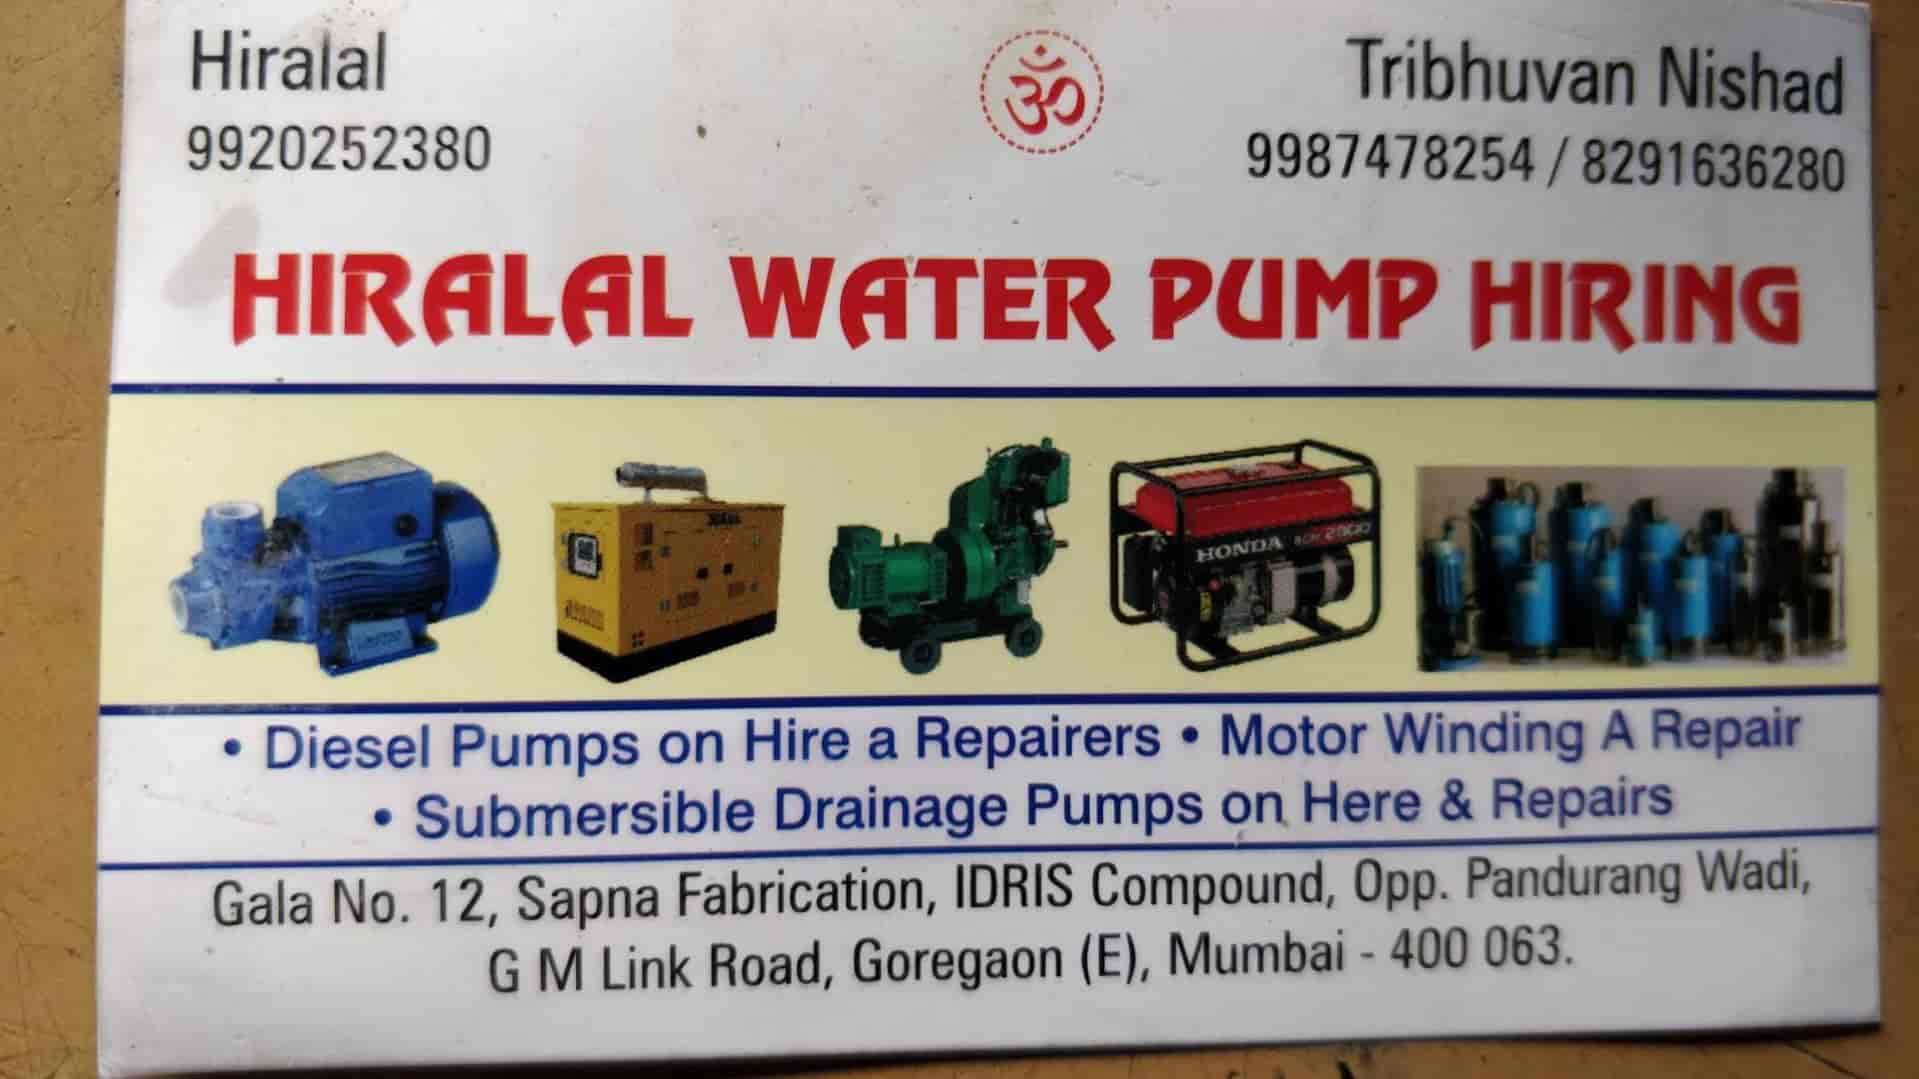 Hiralal Water Pump Hiring